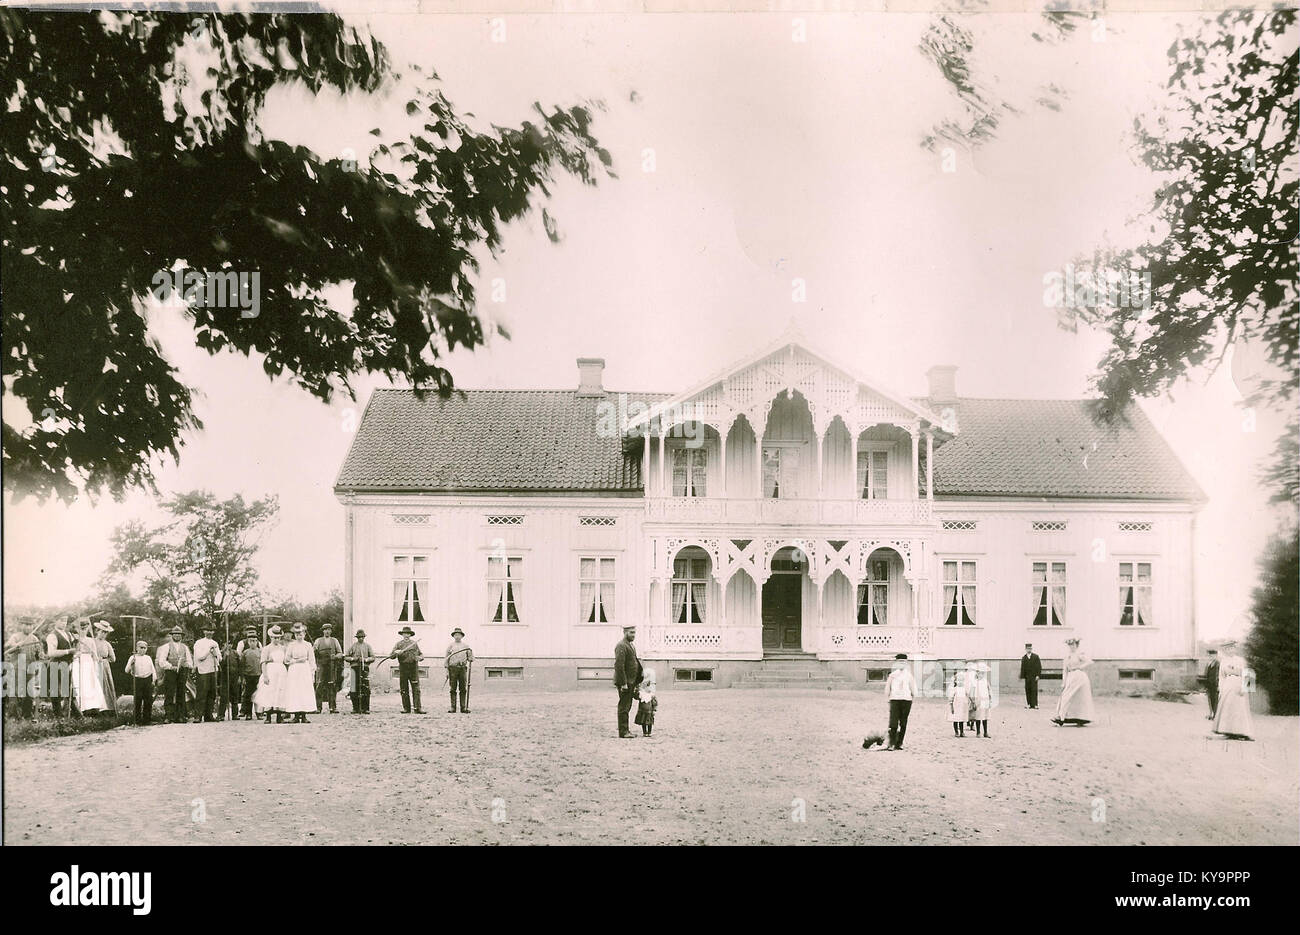 Stensholms säteri (gammal) - Stock Image